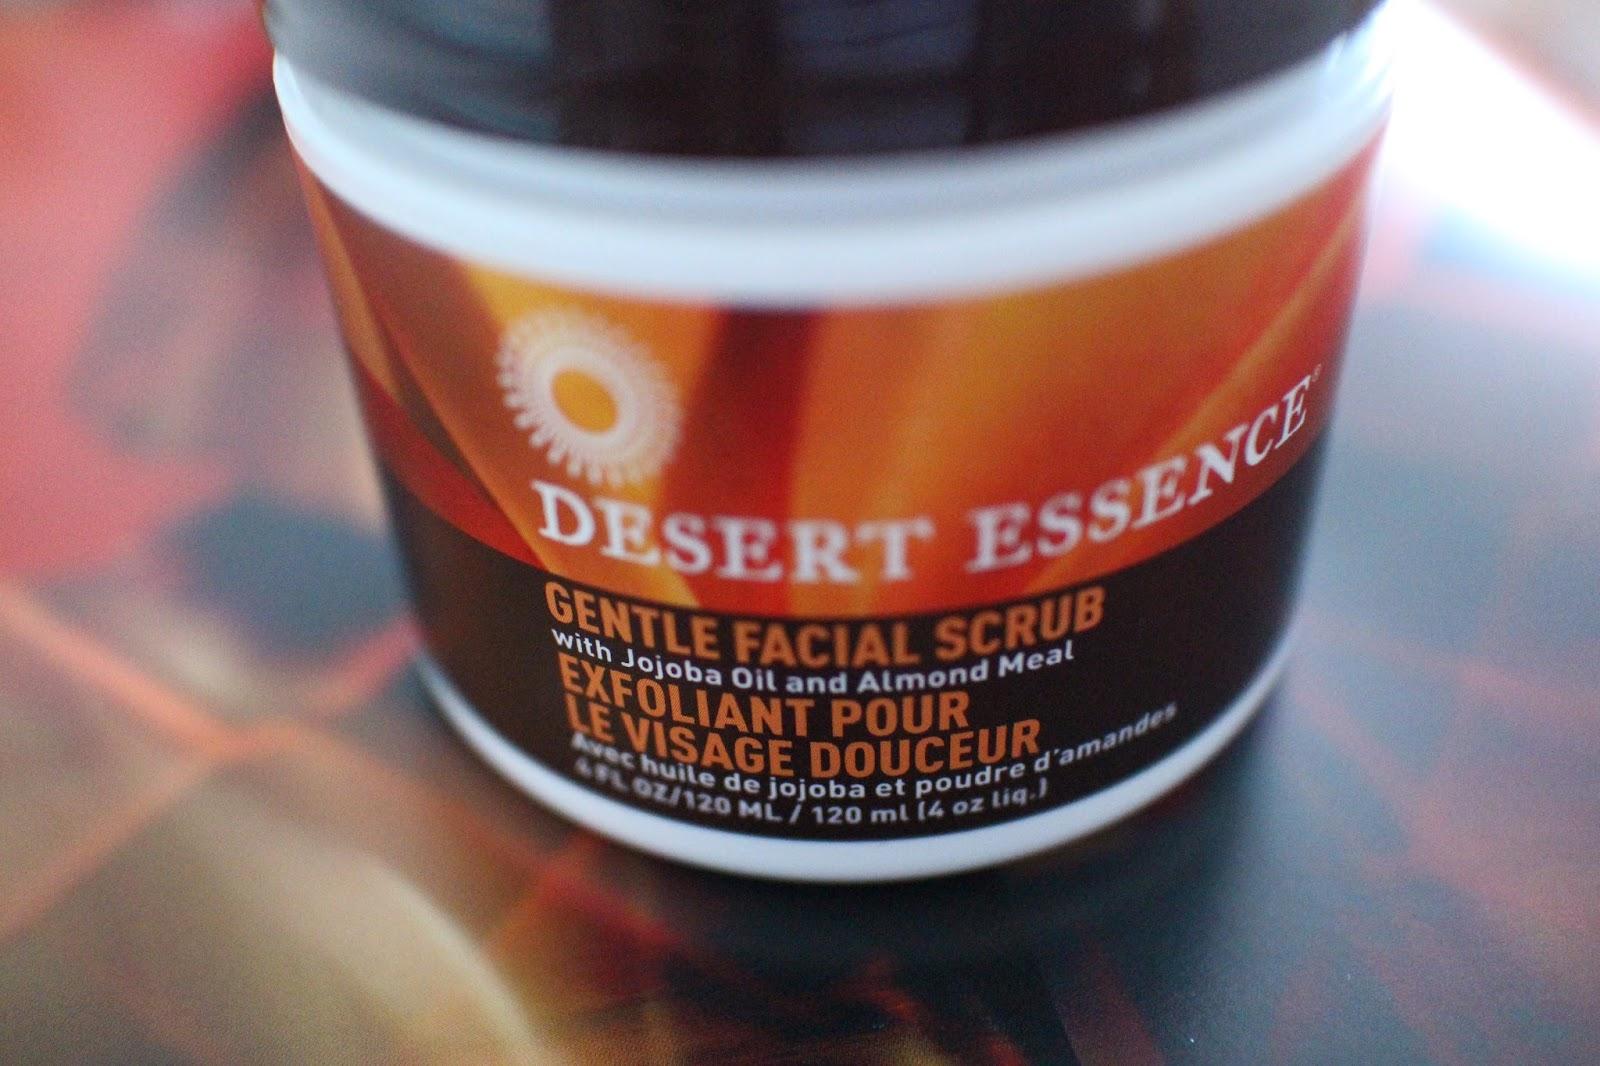 Desert essence facial scrub